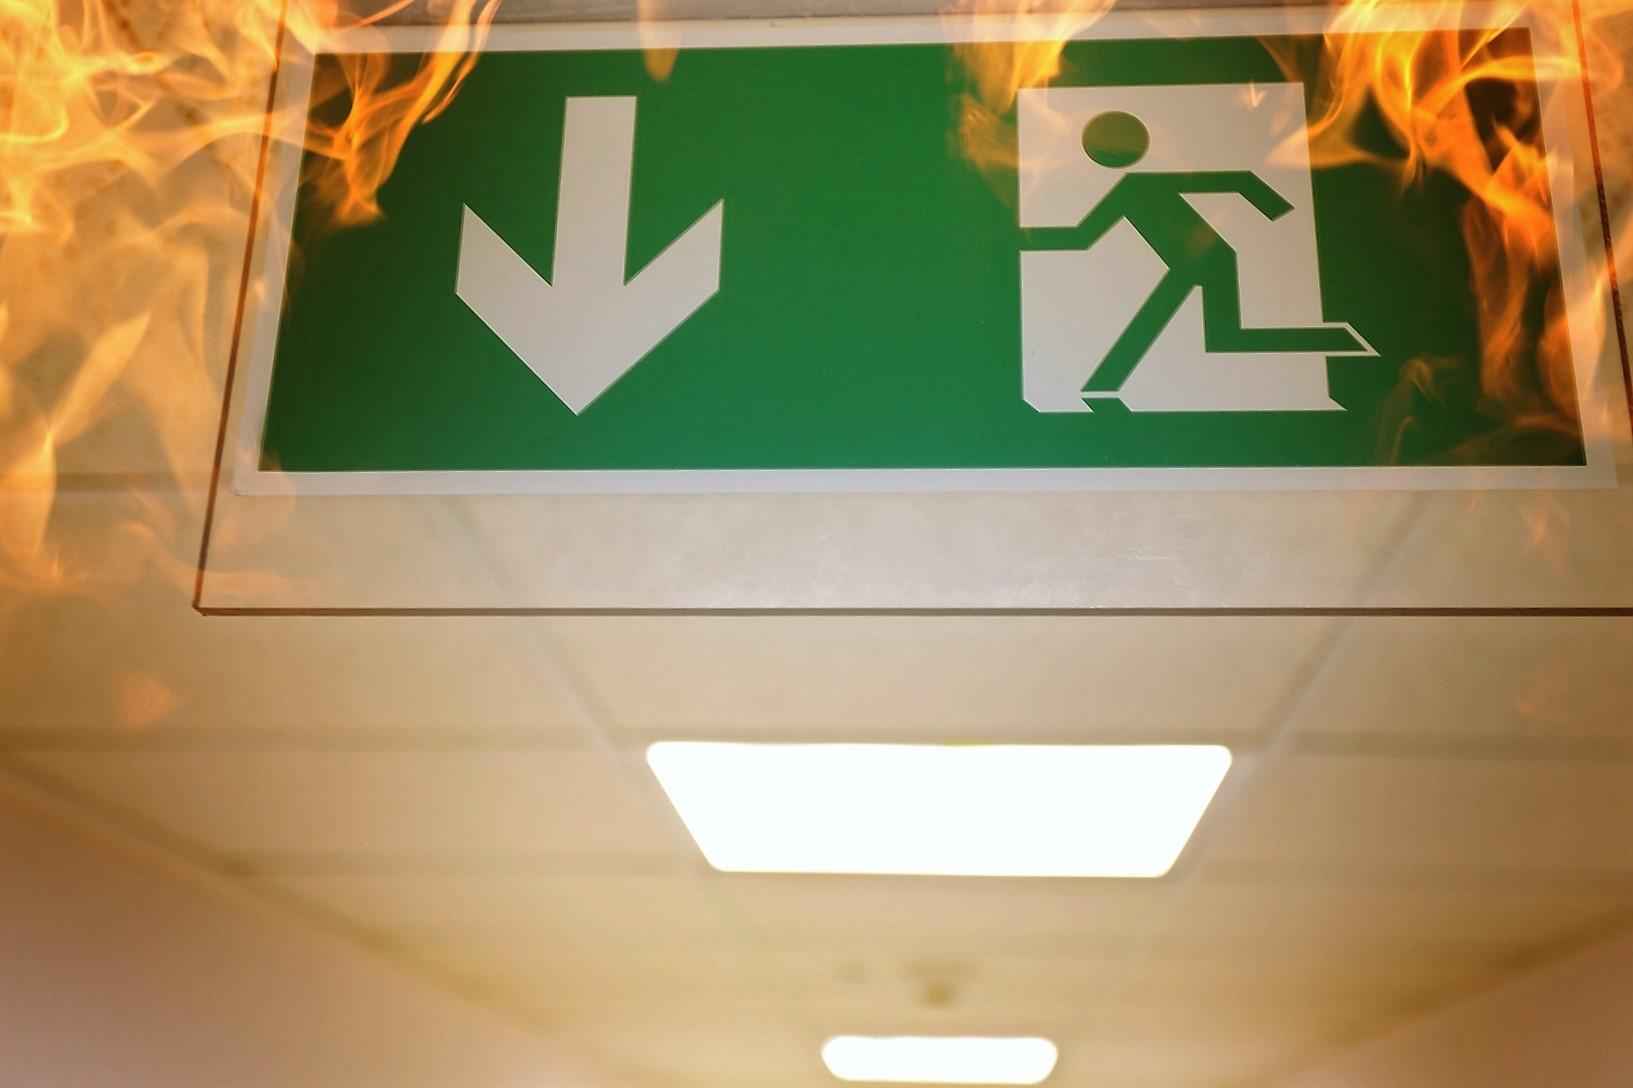 DM 8 giugno 2016: nuova RTV prevenzione incendi uffici